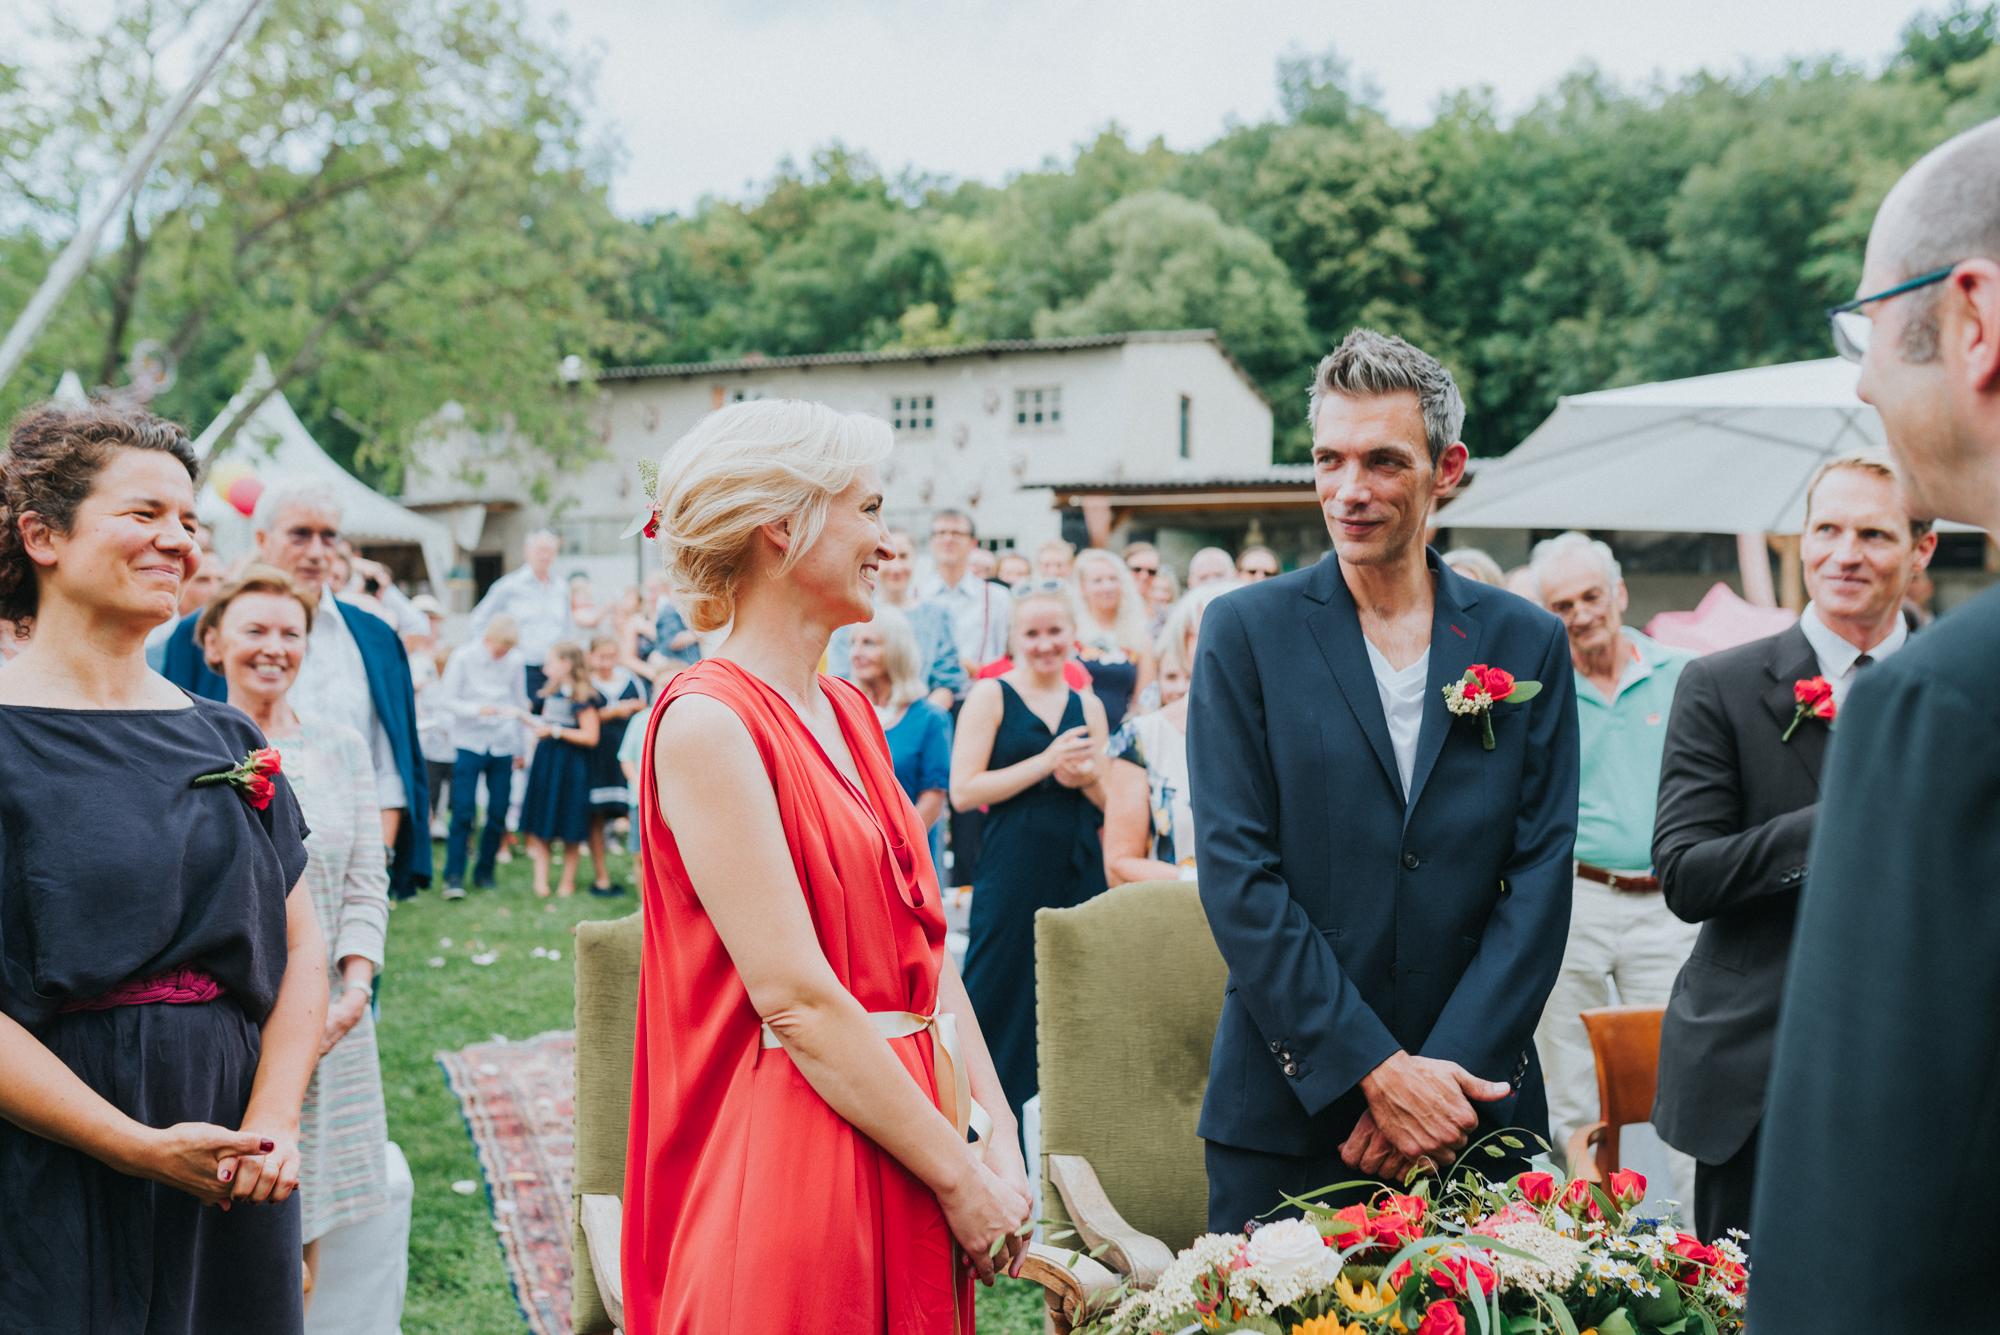 belle&sass_Hochzeit_Stadtflucht Bergmühle-28.jpg